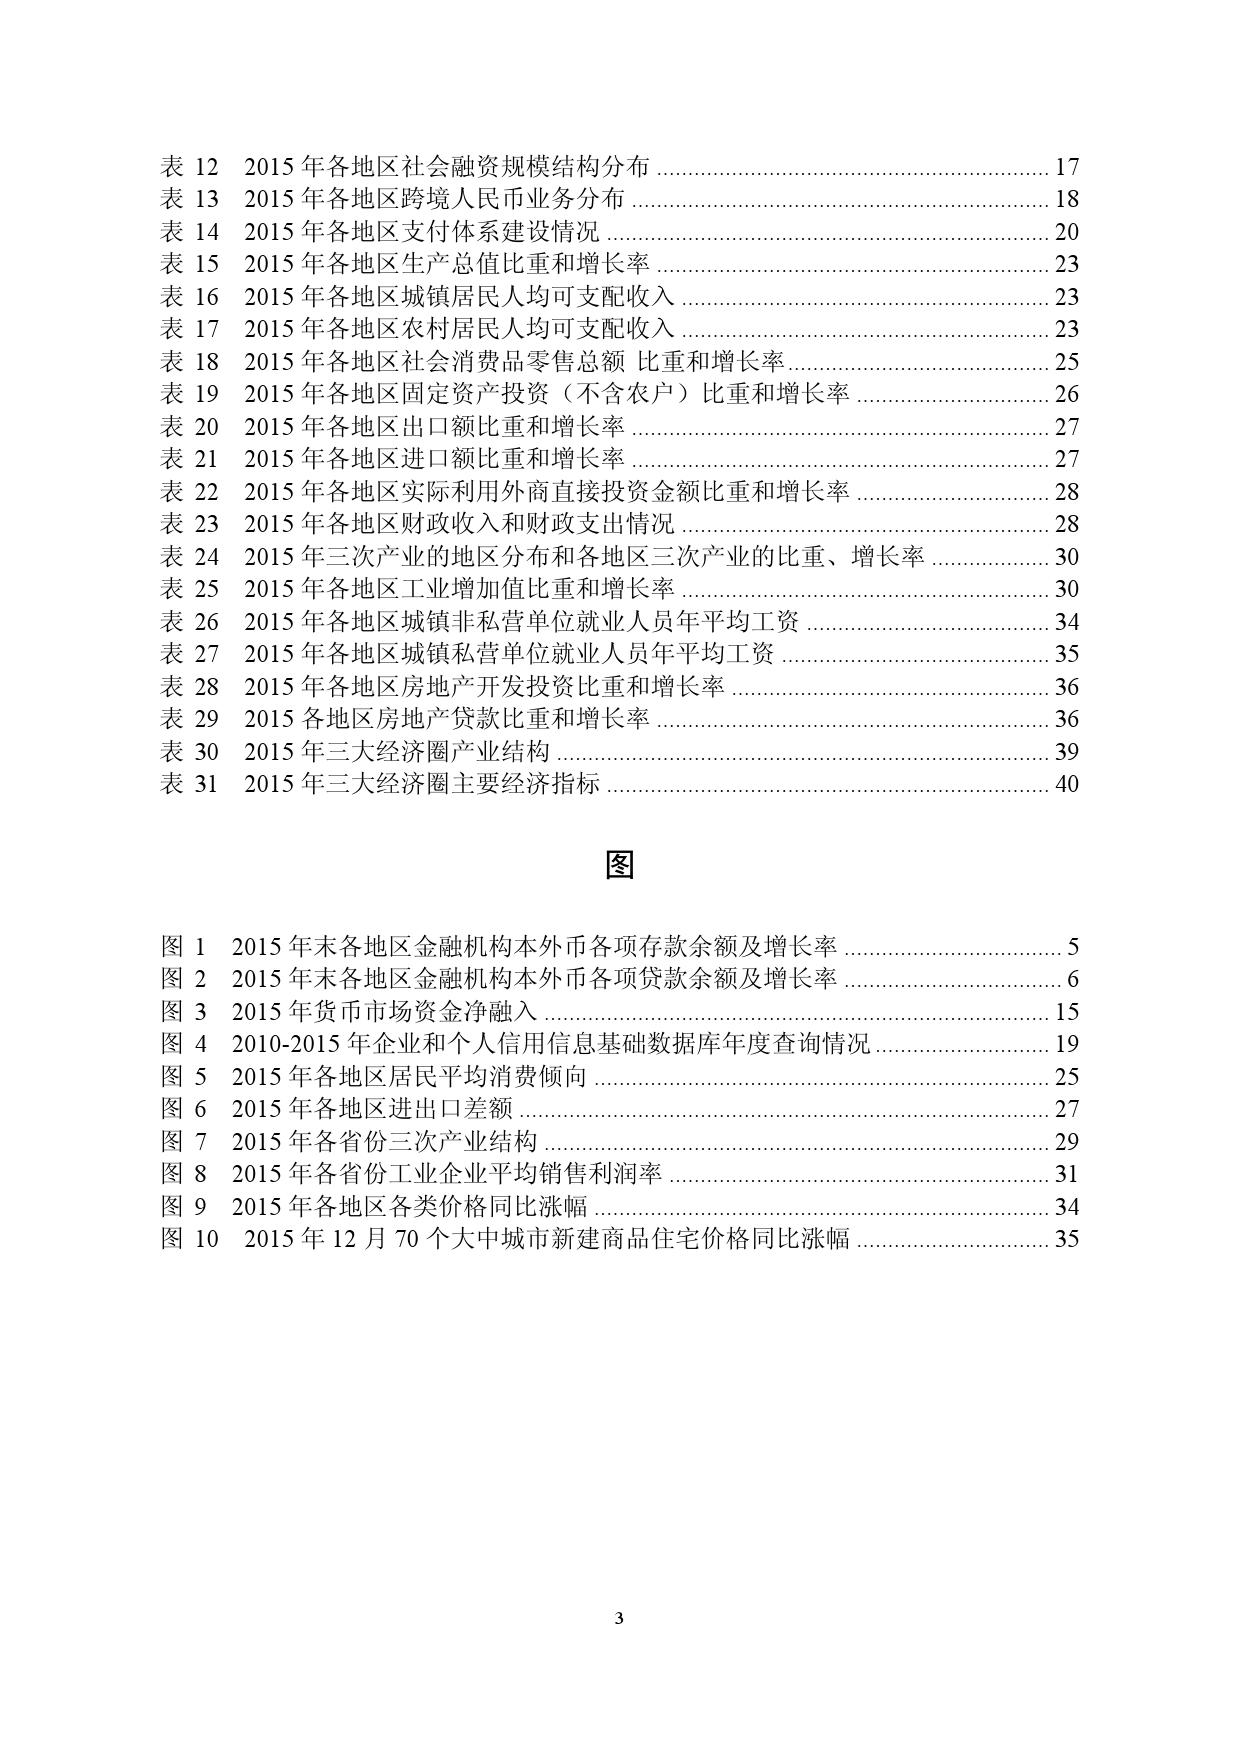 2015年中国区域金融运行报告_000003